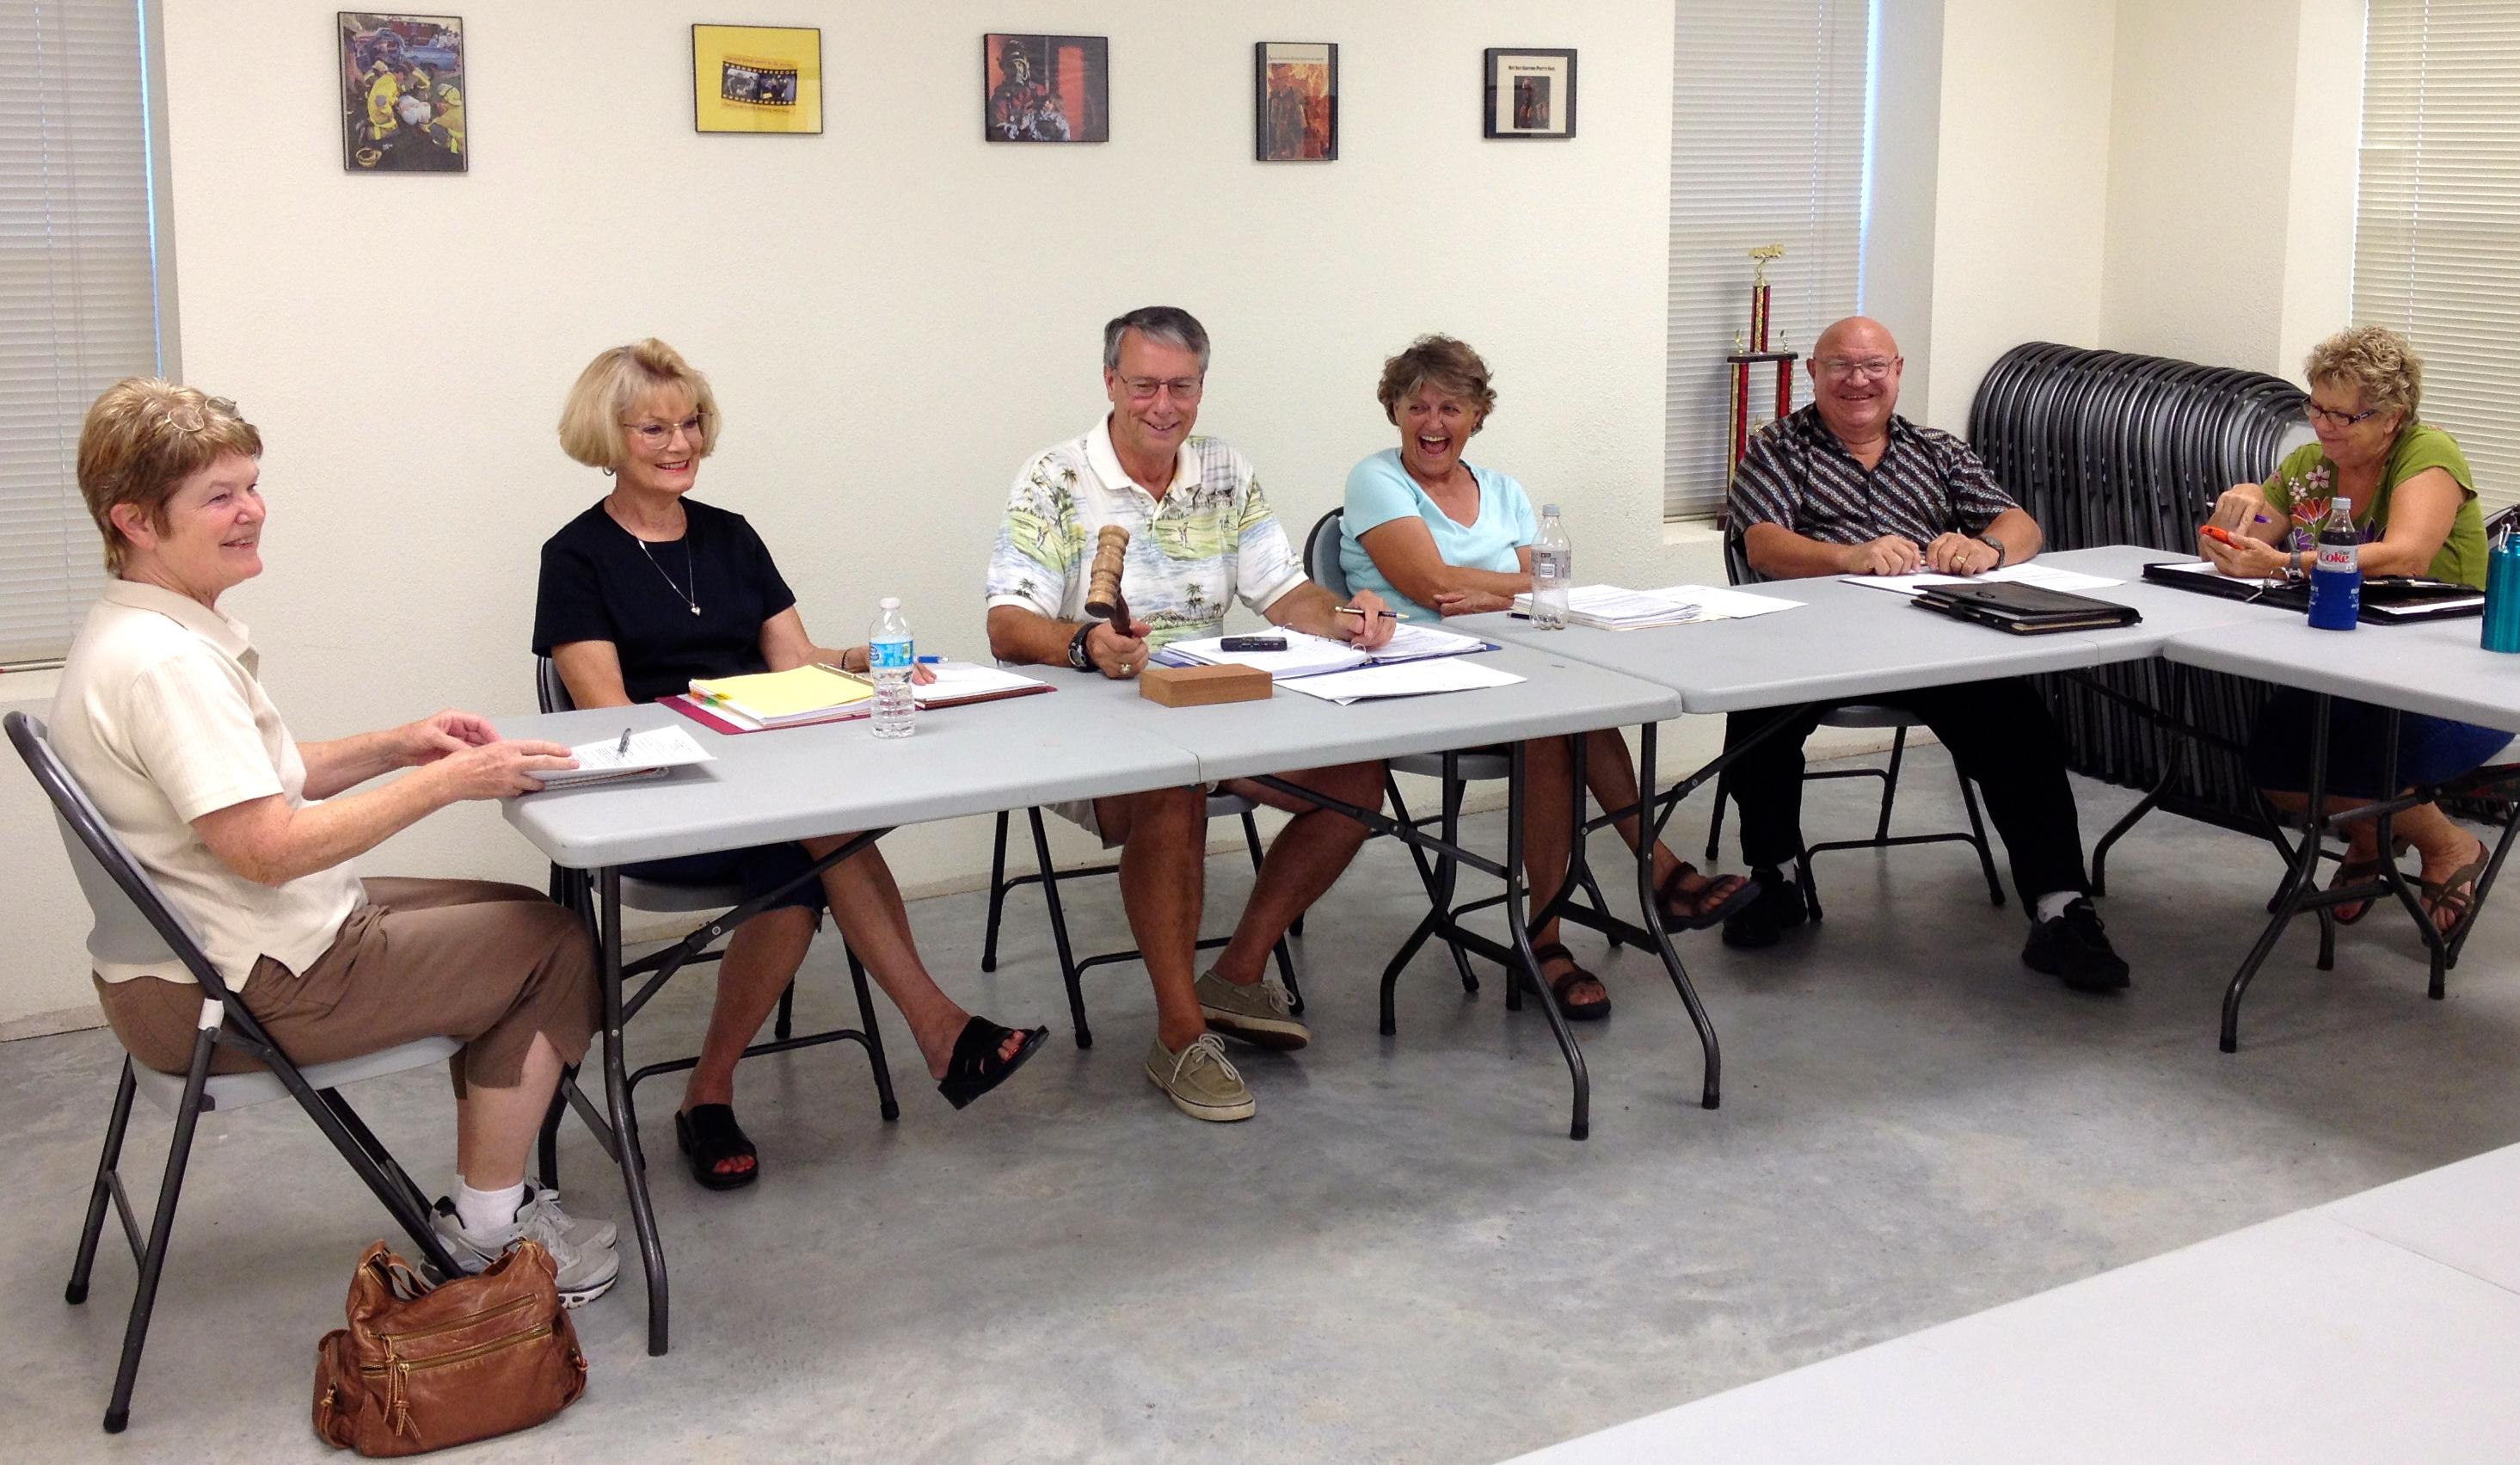 L-R: Susan Garry, Barbara Piper, Jack Piper, Karen Marosko, Eldridge Tidwell, Susan Schmidt